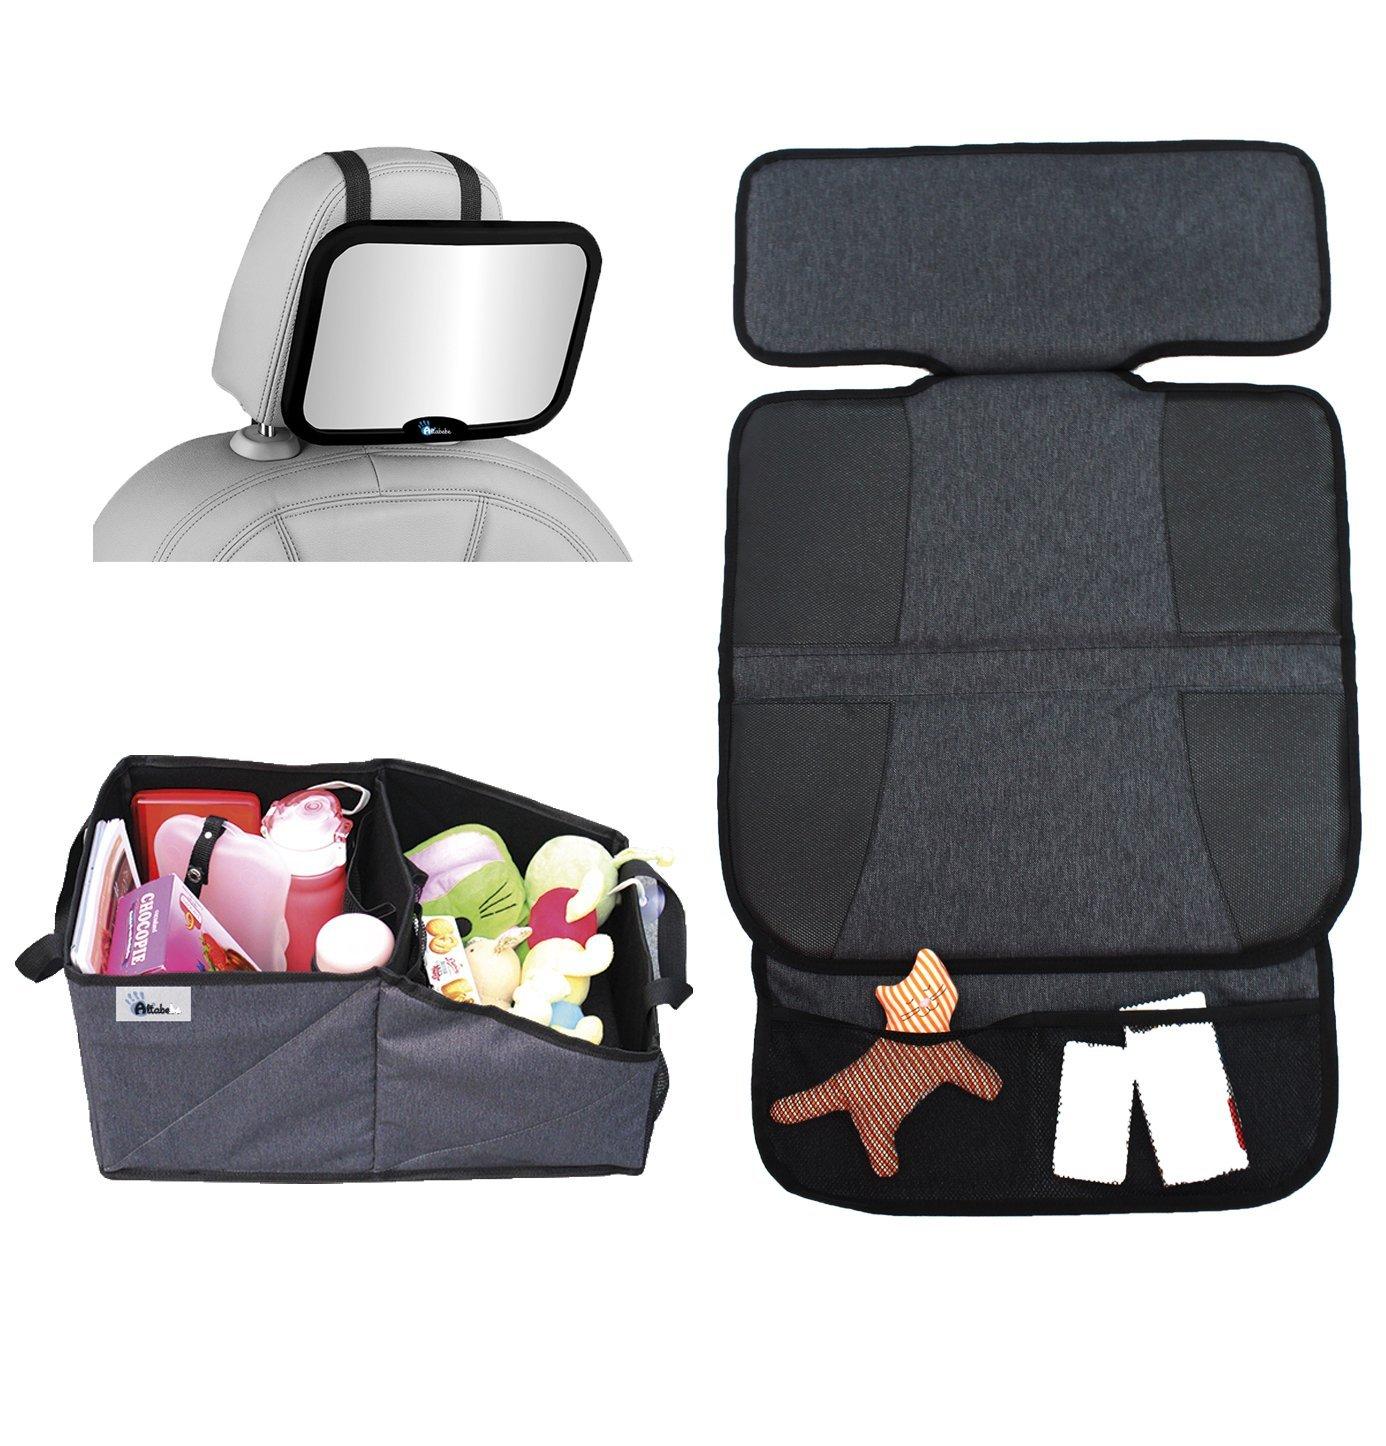 Комплект для поездок: зеркало на спинку, защитный коврик на сиденья и органайзер для автокреслаАксессуары для путешествий и прогулок<br>Комплект для поездок: зеркало на спинку, защитный коврик на сиденья и органайзер для автокресла<br>